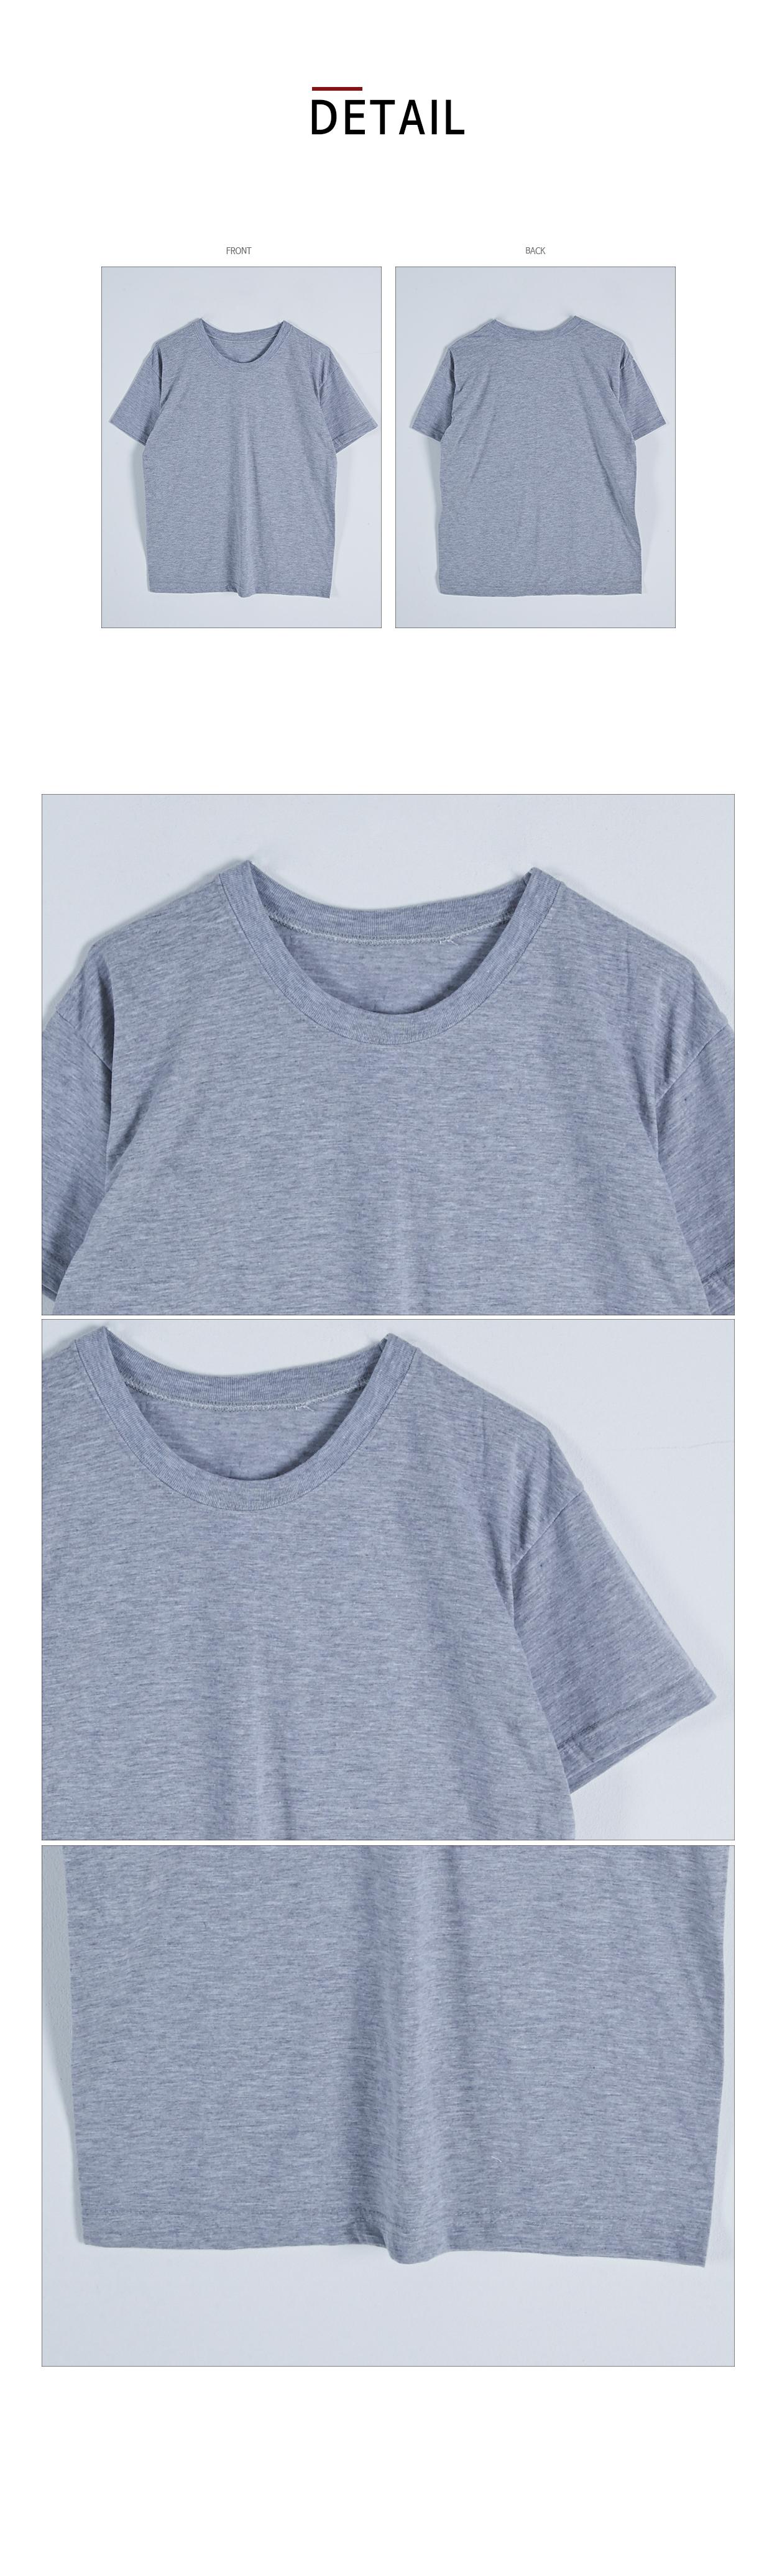 라인이 잡혀있는 남자 회색티 생활복 - 교복몰, 4,900원, 여성 스쿨룩, 상의